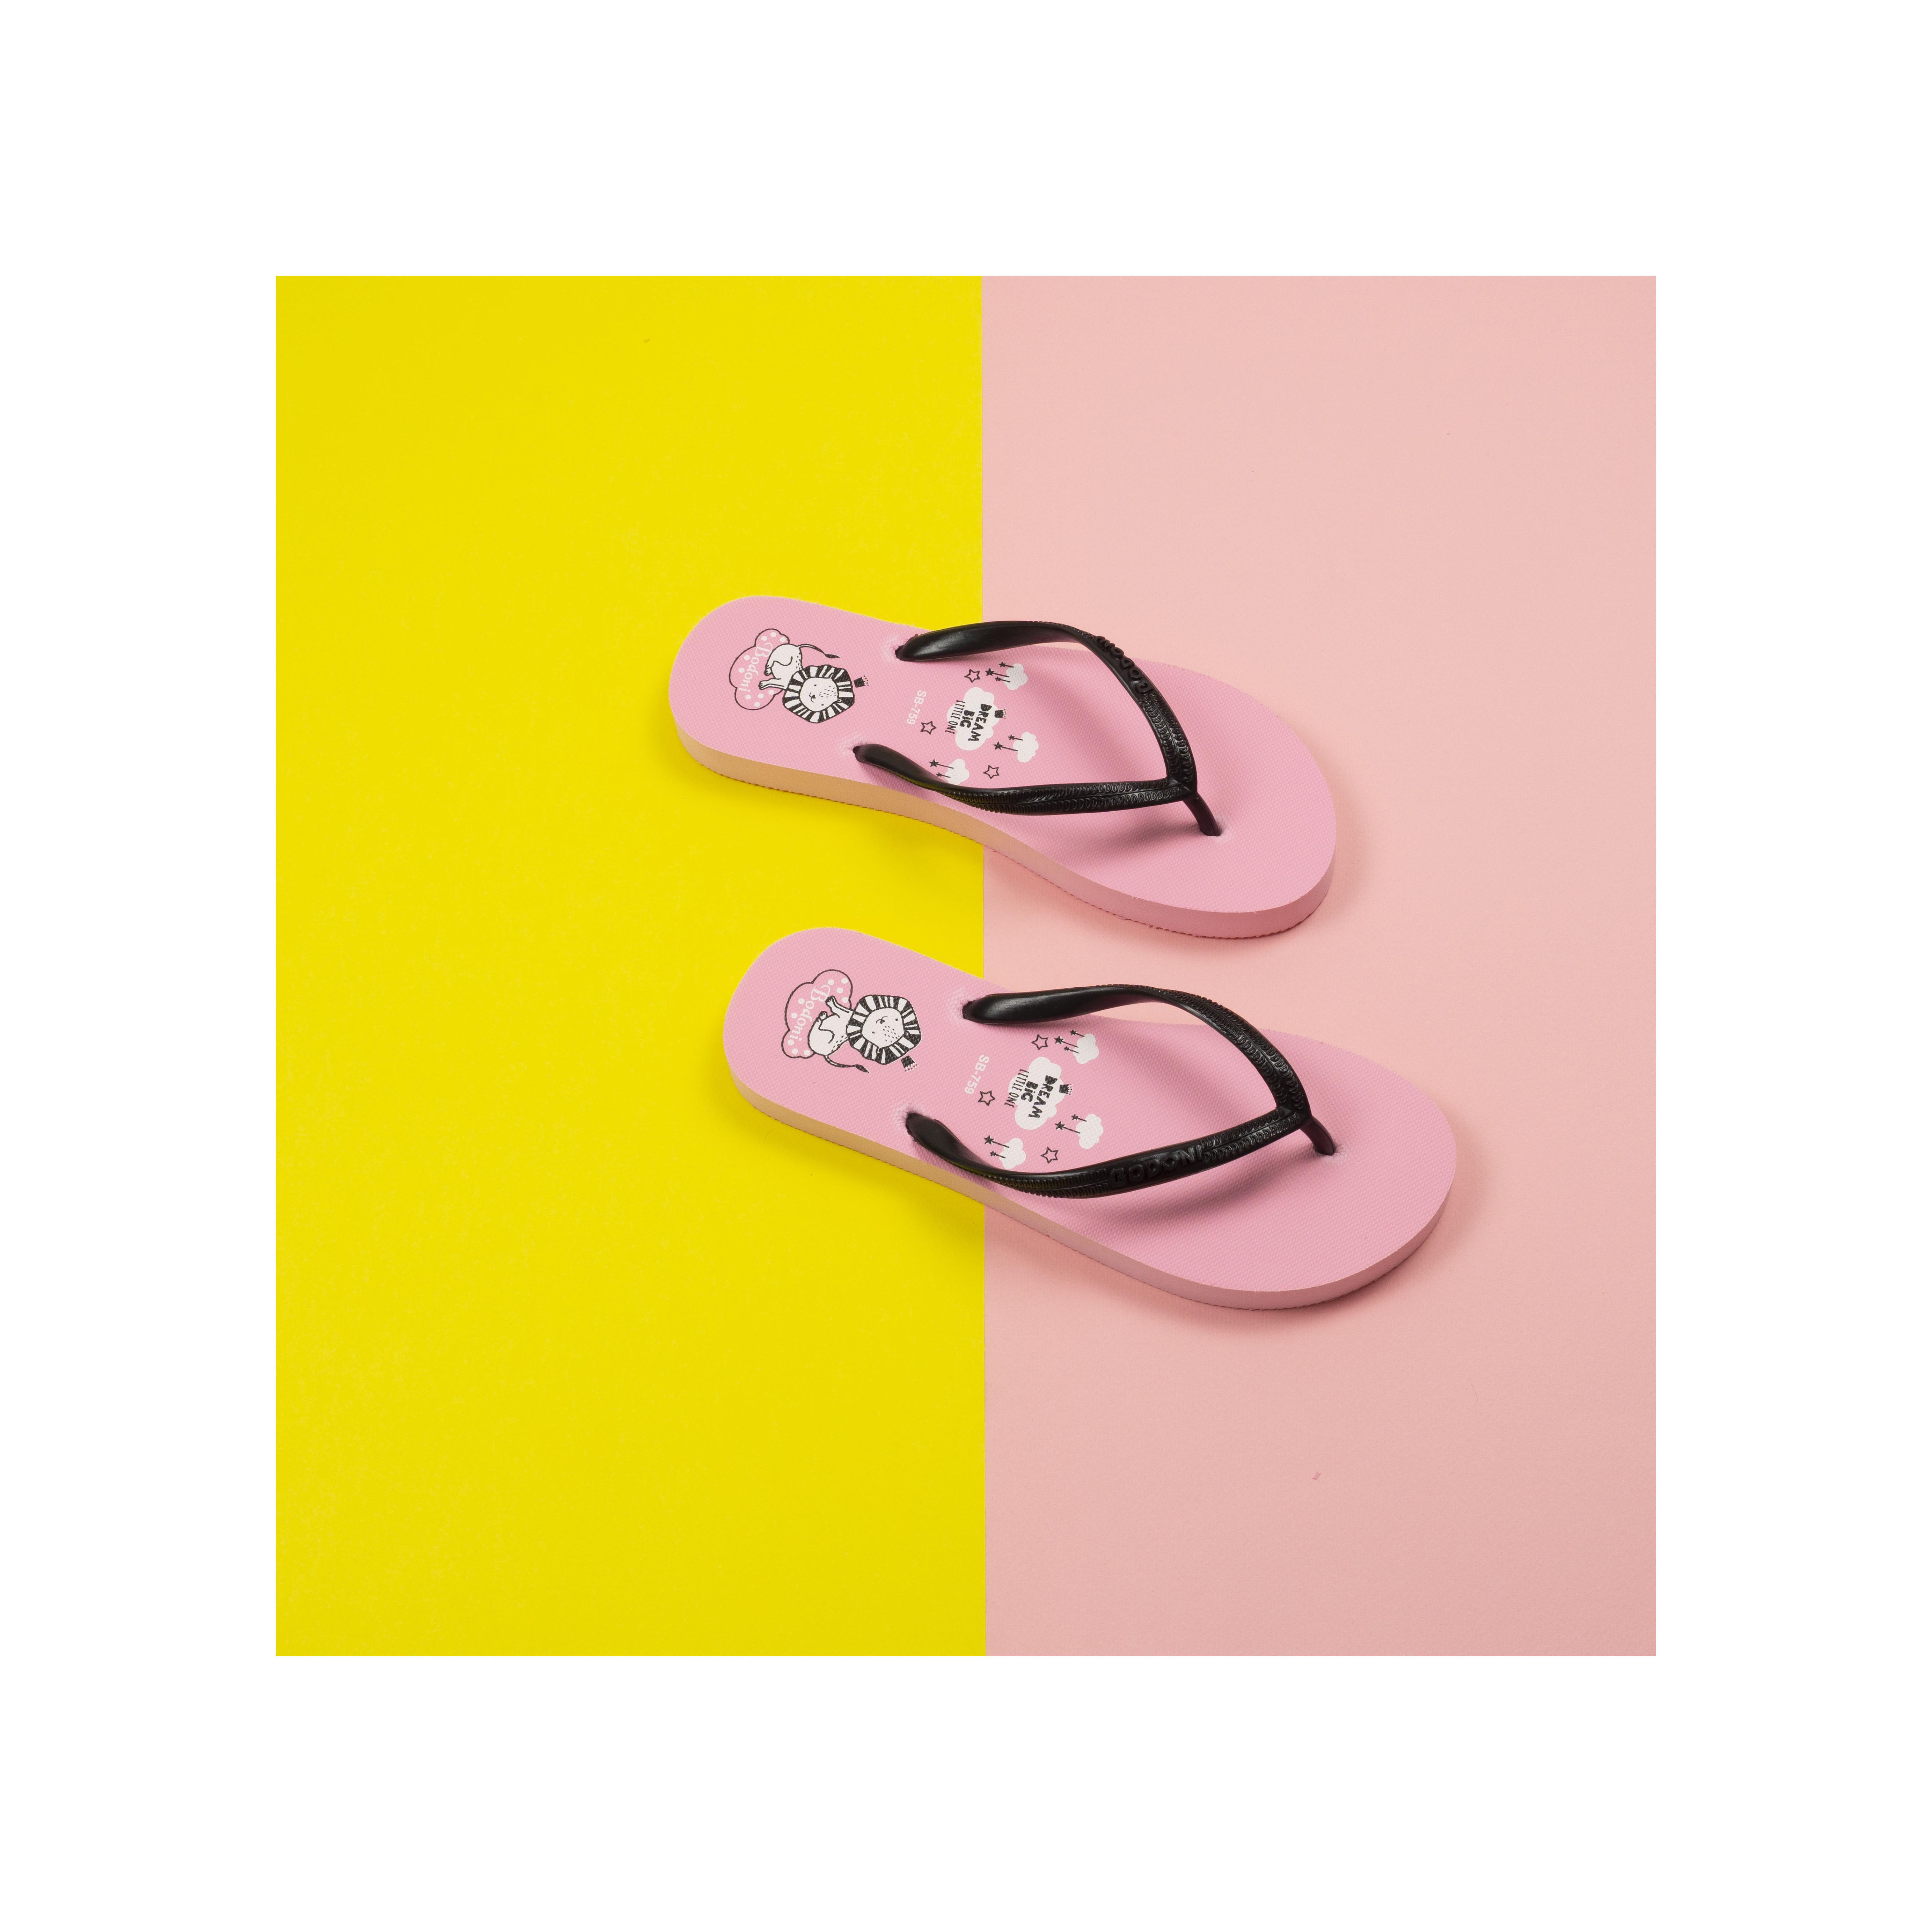 Dép xốp xỏ ngón siêu cute Bodoni dùng đi biển ,đi du lịch, mang trong nhà